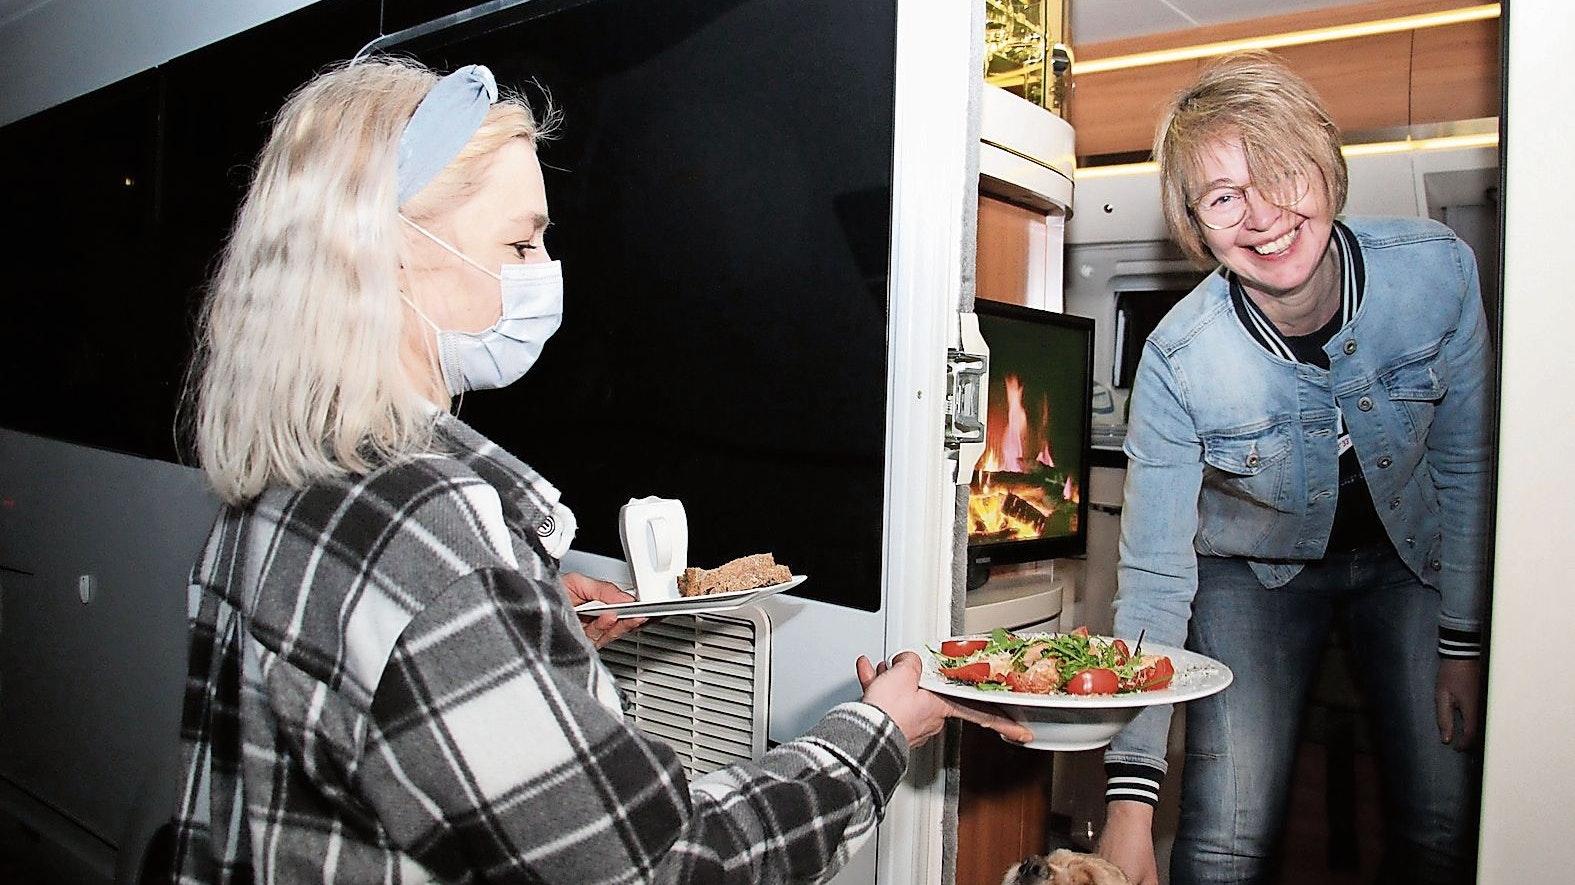 Mahlzeit: Am 17. April wird Wohmobilisten in Löningen das Essen direkt in den Fahrzeugen serviert. Foto: Speckmann